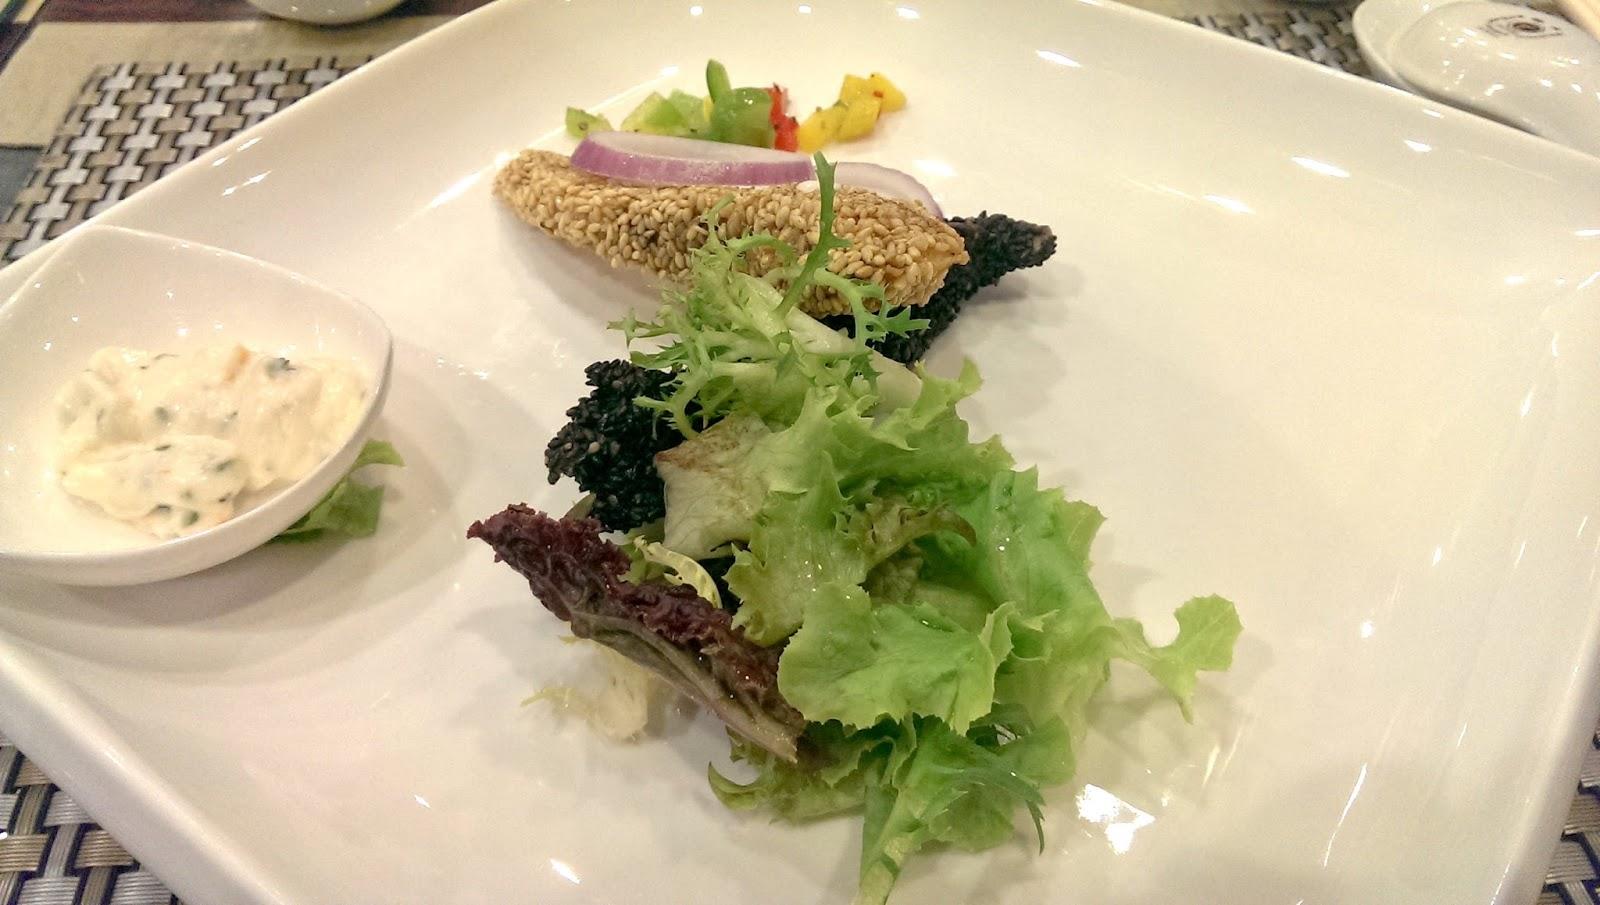 2015 07 13%2B20.06.36 - [食記] 二階堂懷石料理 - 令人不知所措的老日式料理